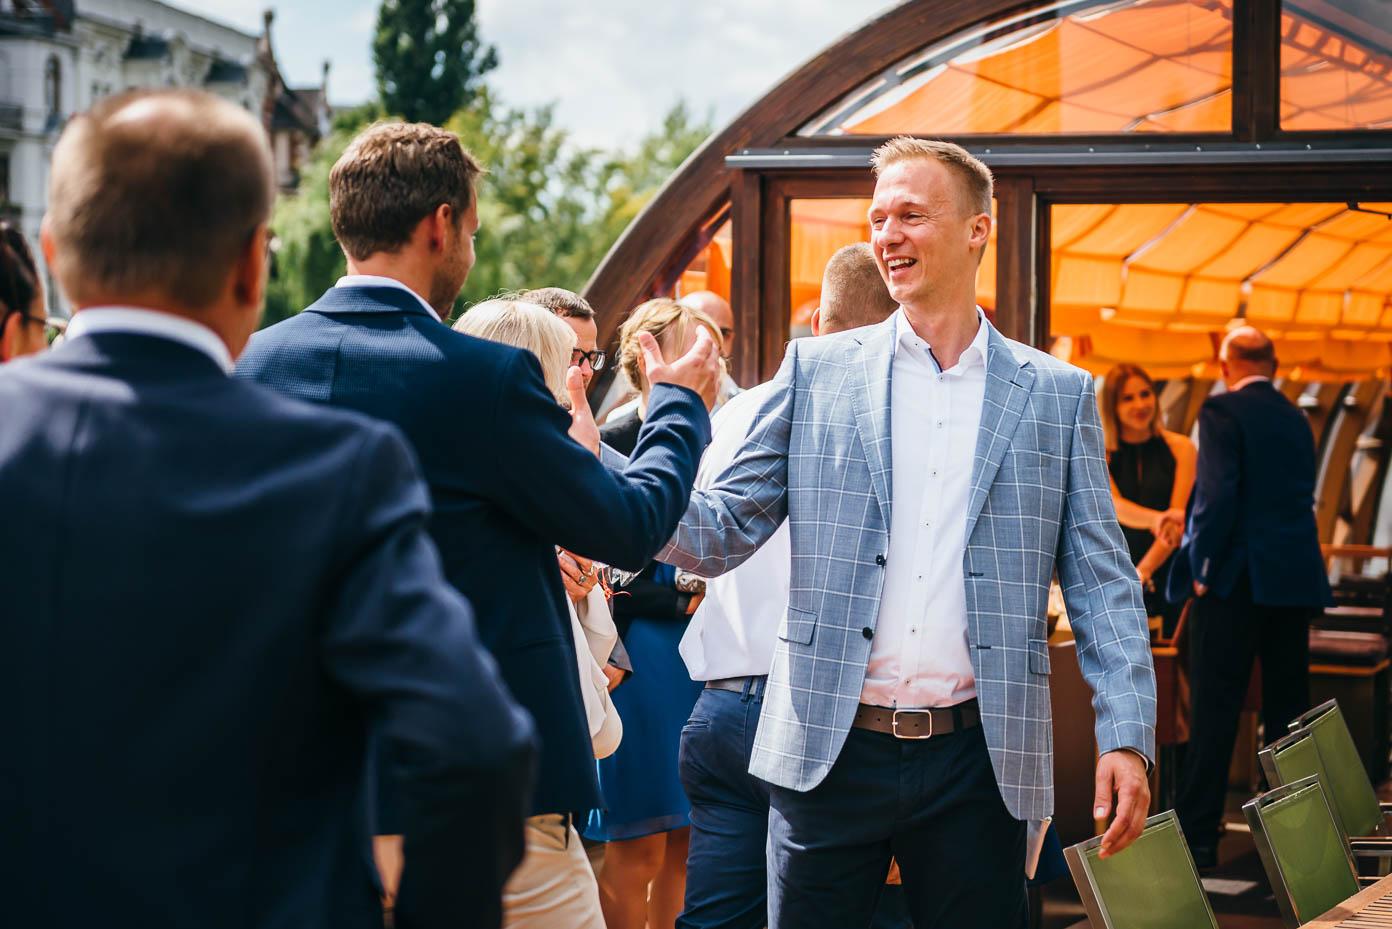 Der Bräutigam begrüßt die Gäste auf dem Restaurantschiff Patio